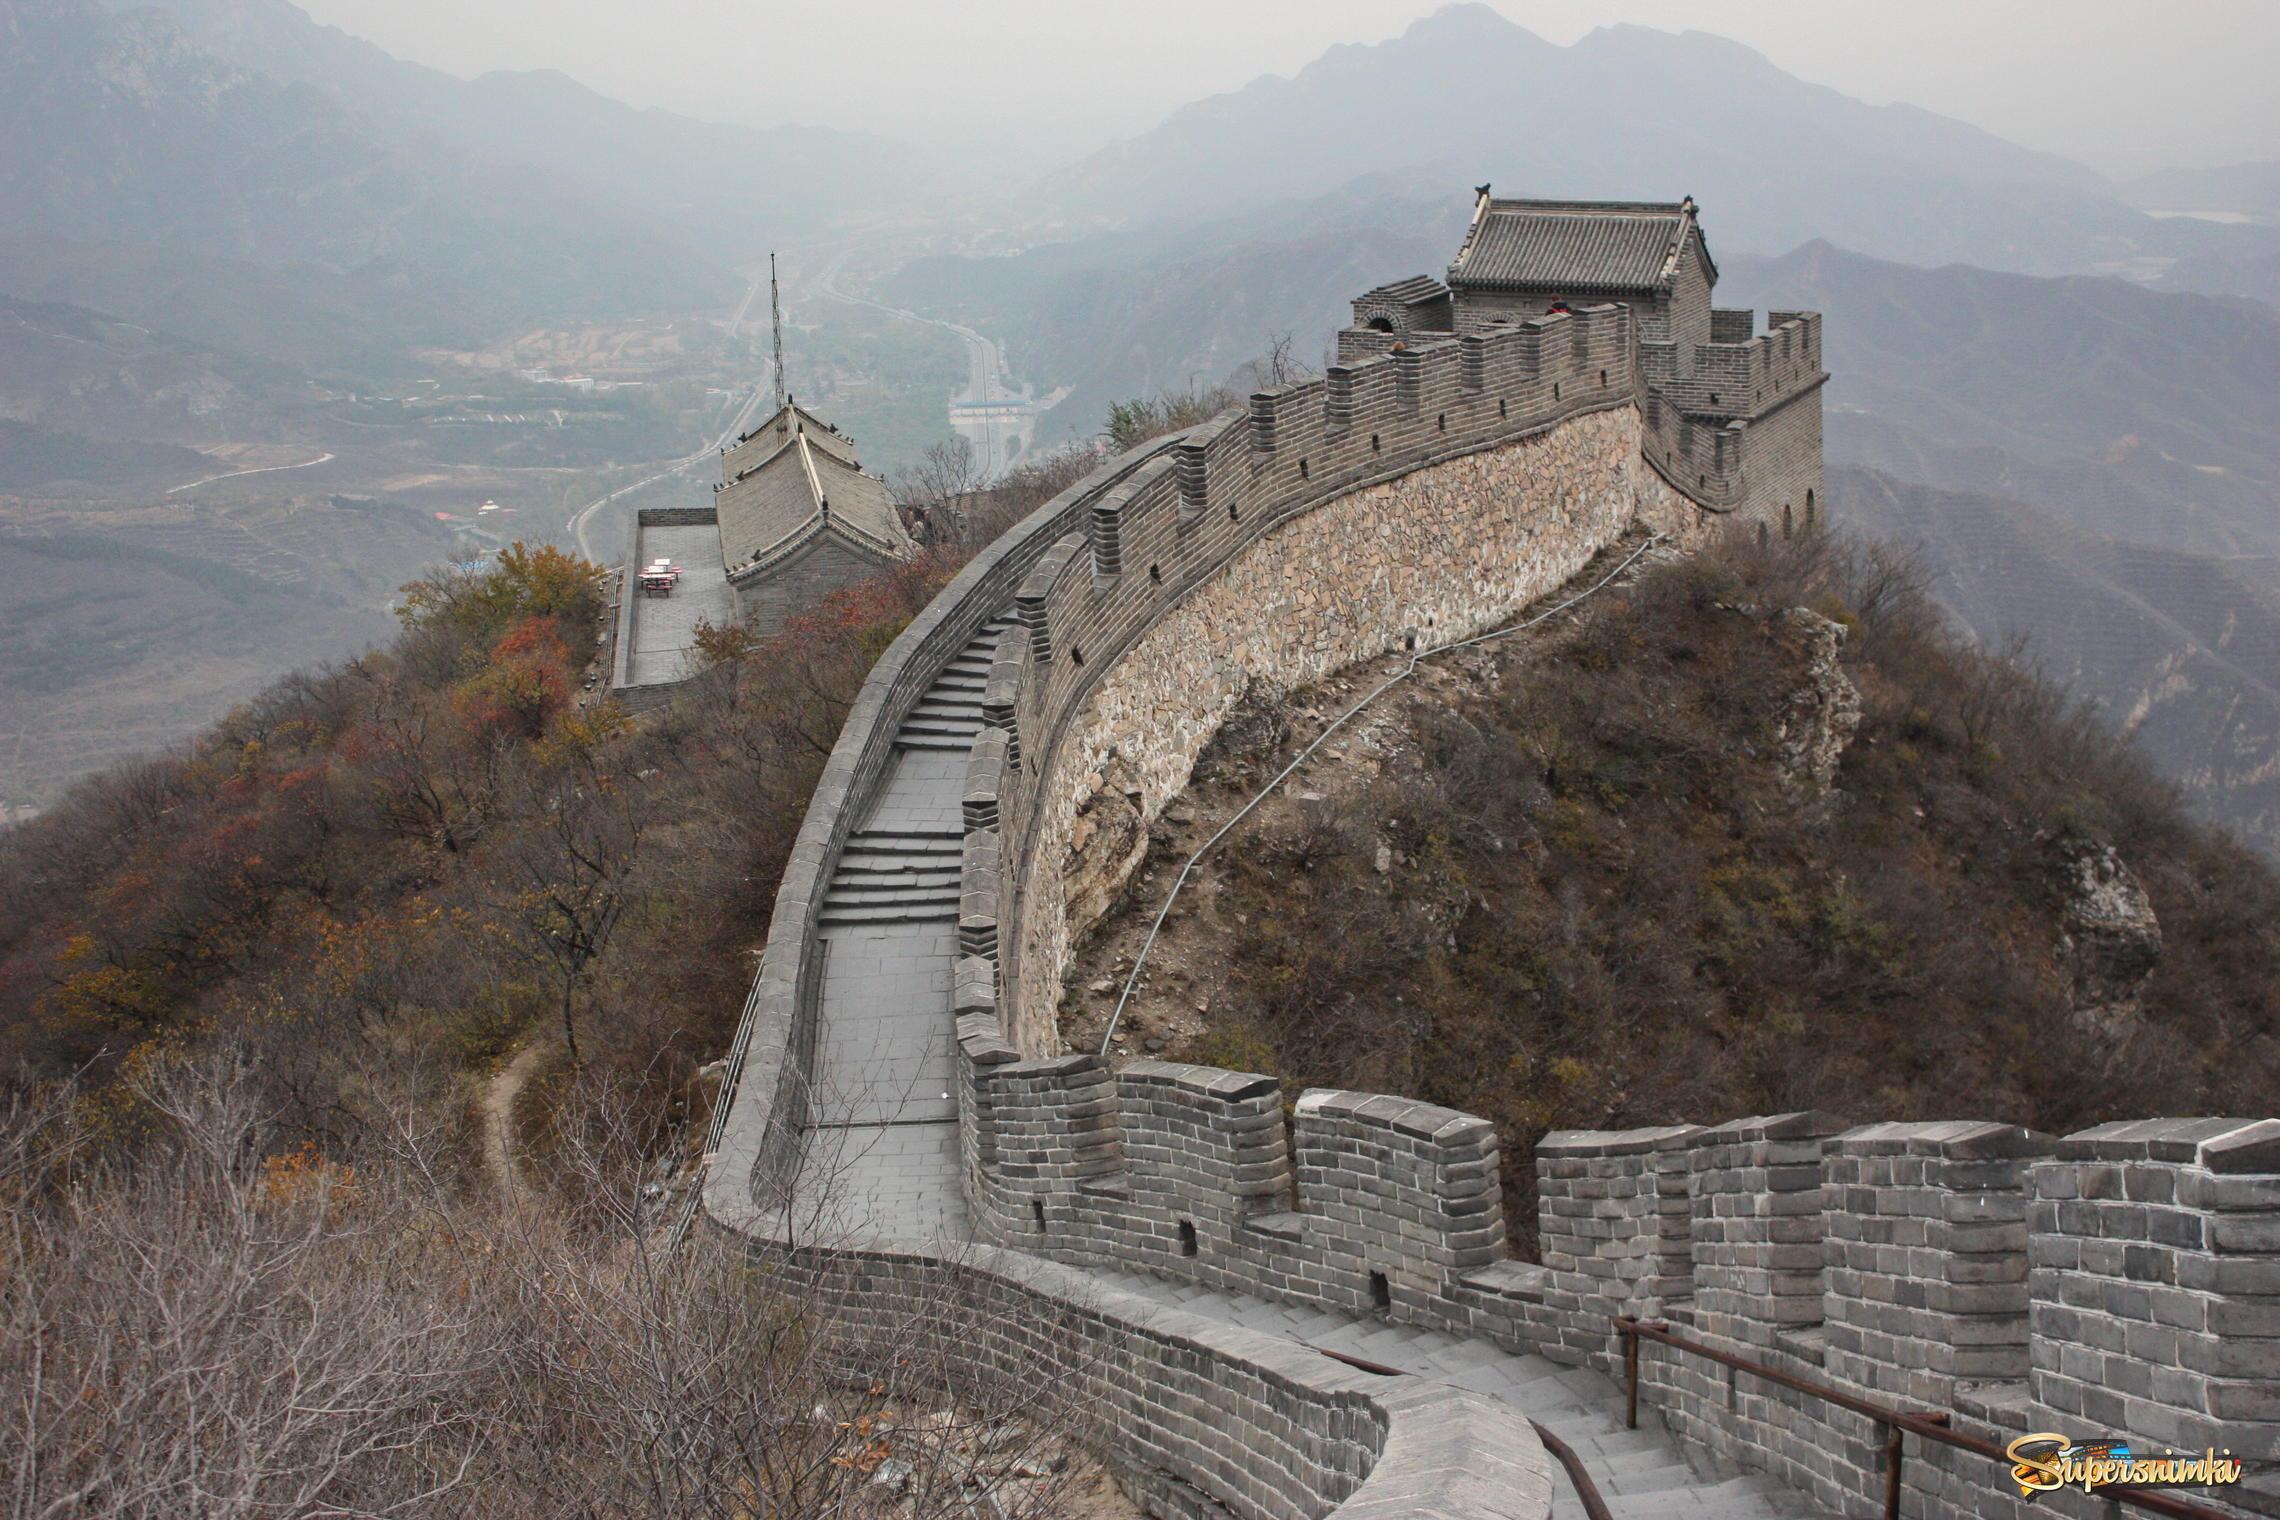 Стена Плача: описание, история, экскурсии, точный адрес